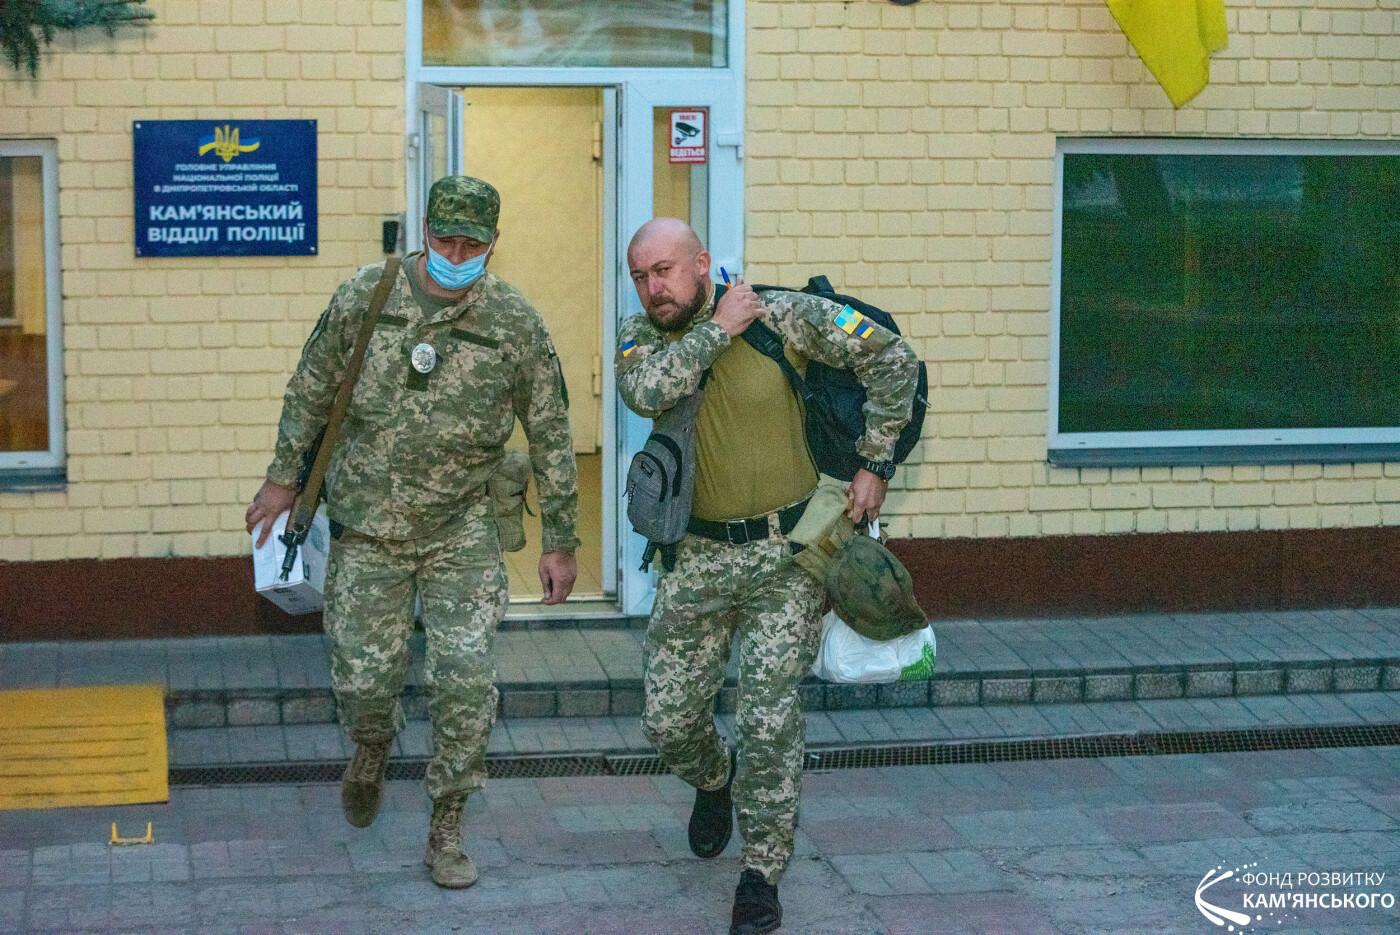 «Фонд Розвитку Кам'янського» підтримав представників поліції, які відправились на службу в зону ООС, фото-1